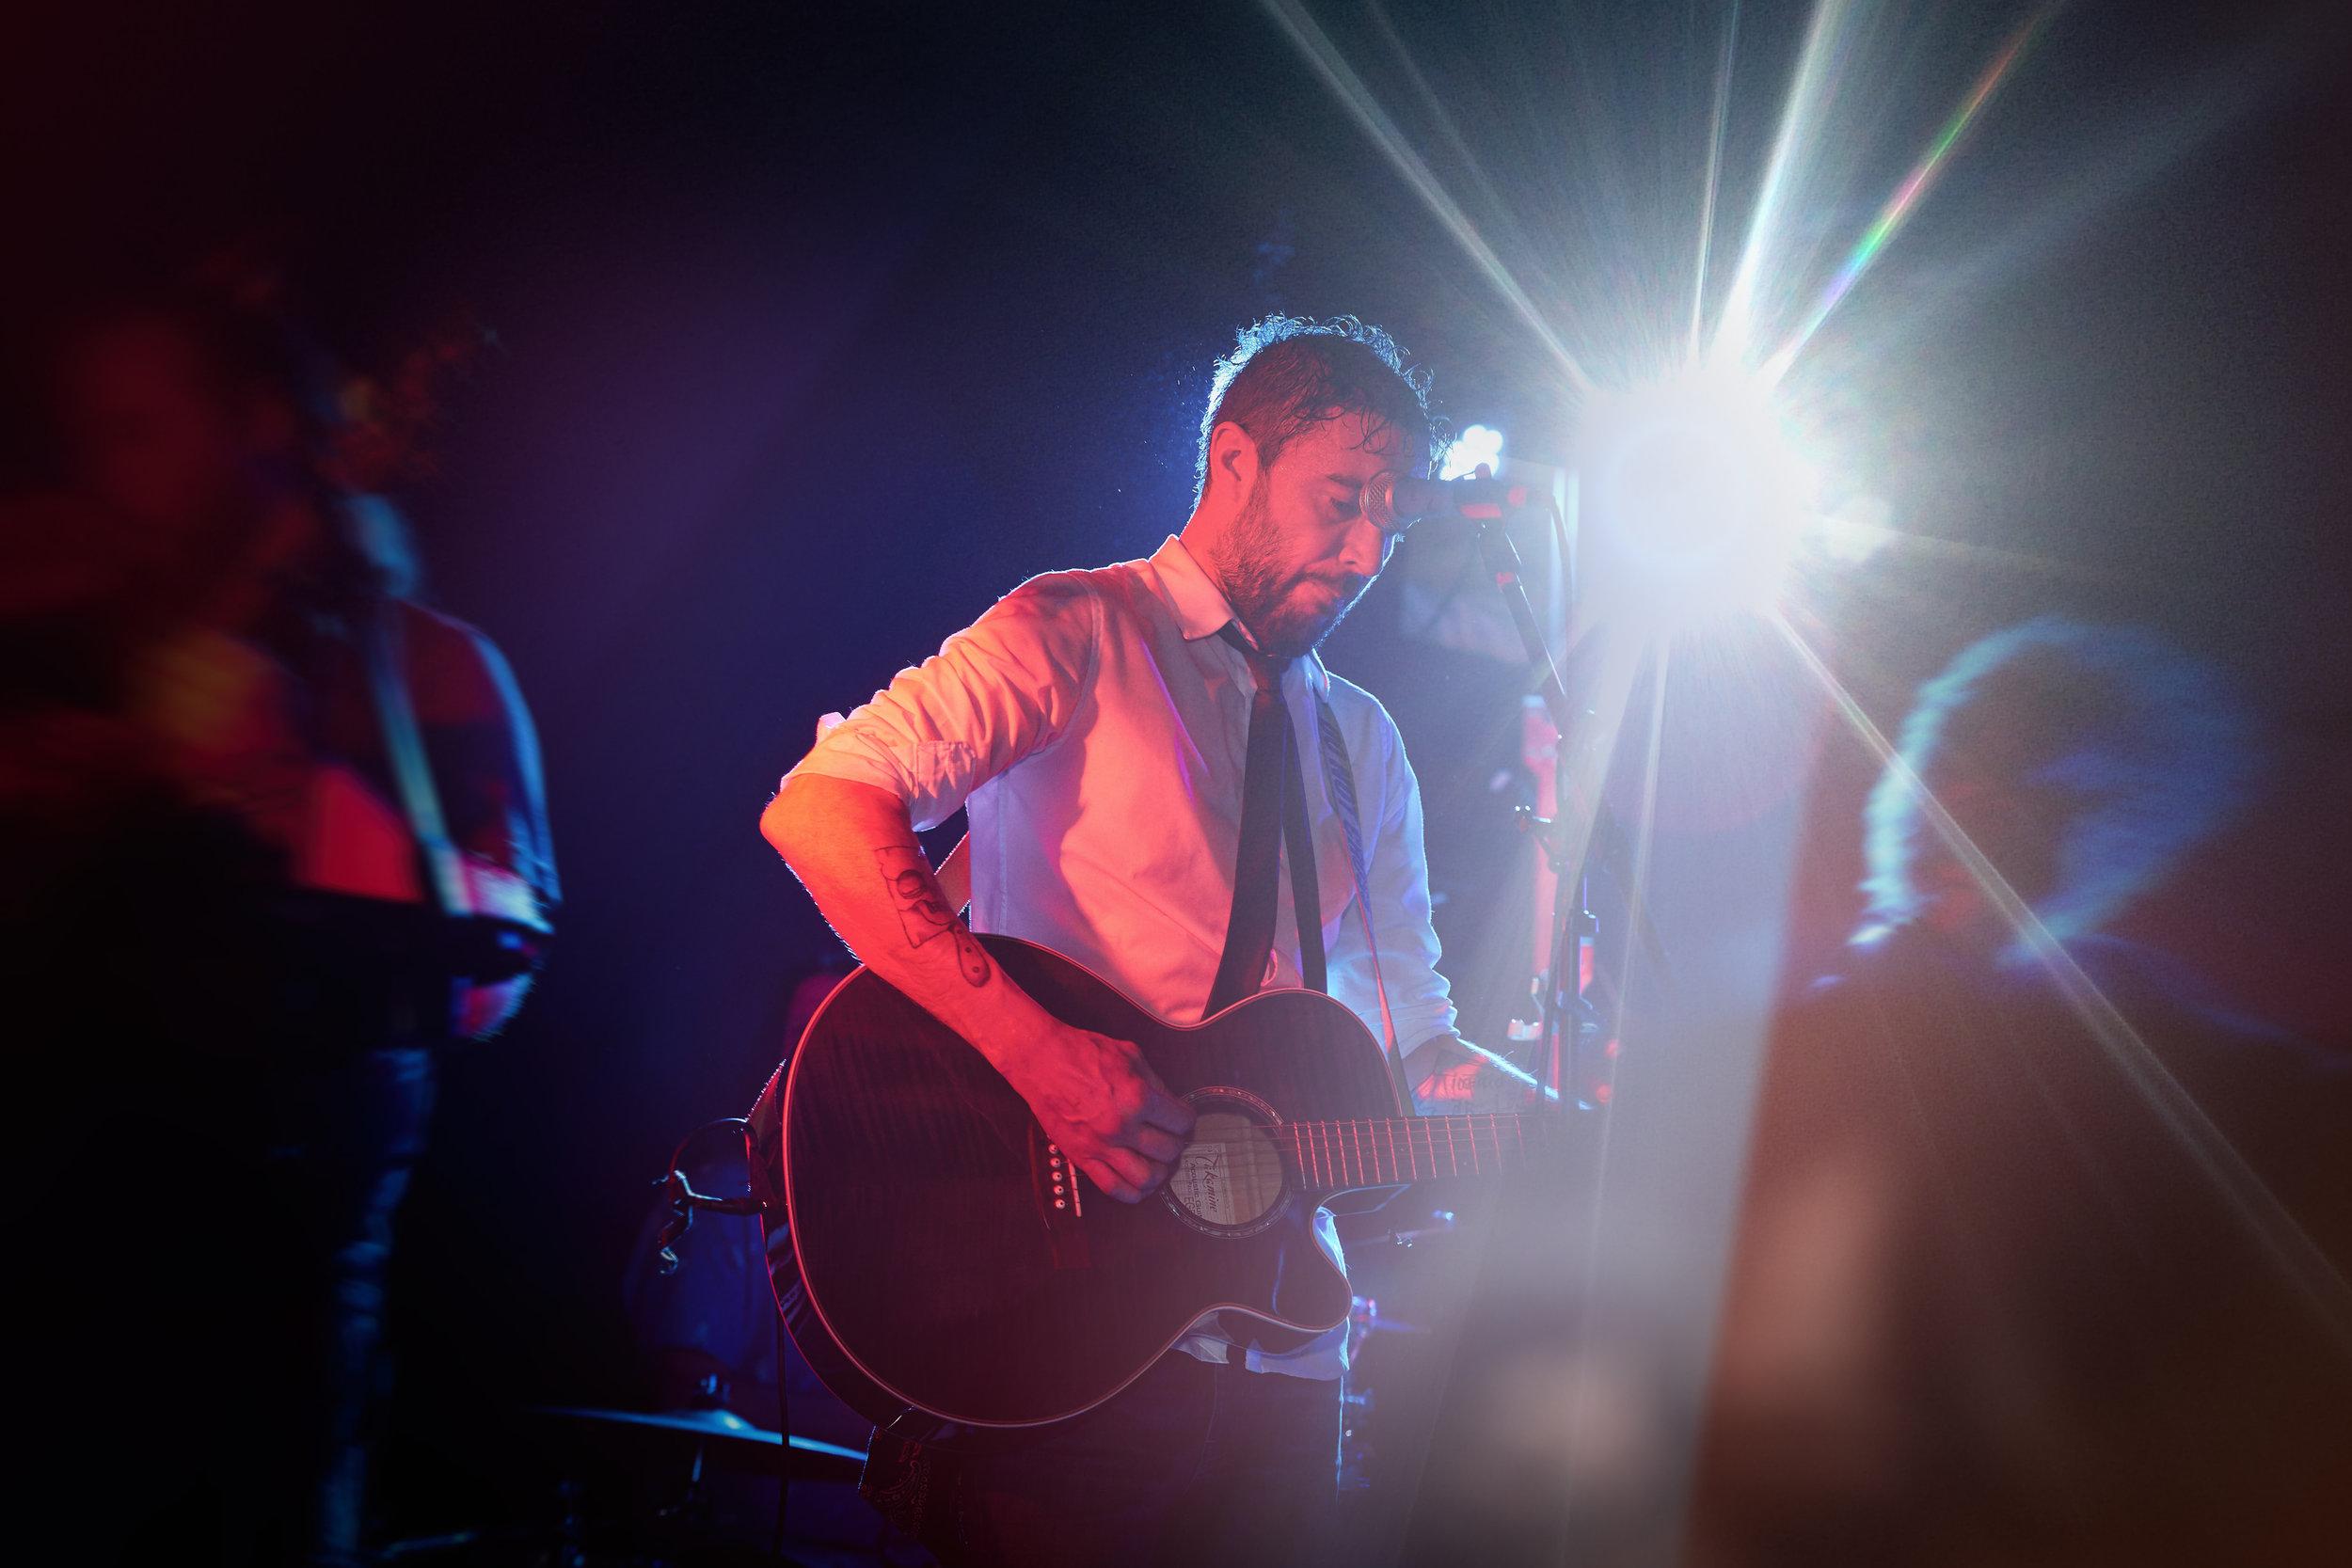 Eoin_Acoustic.jpg